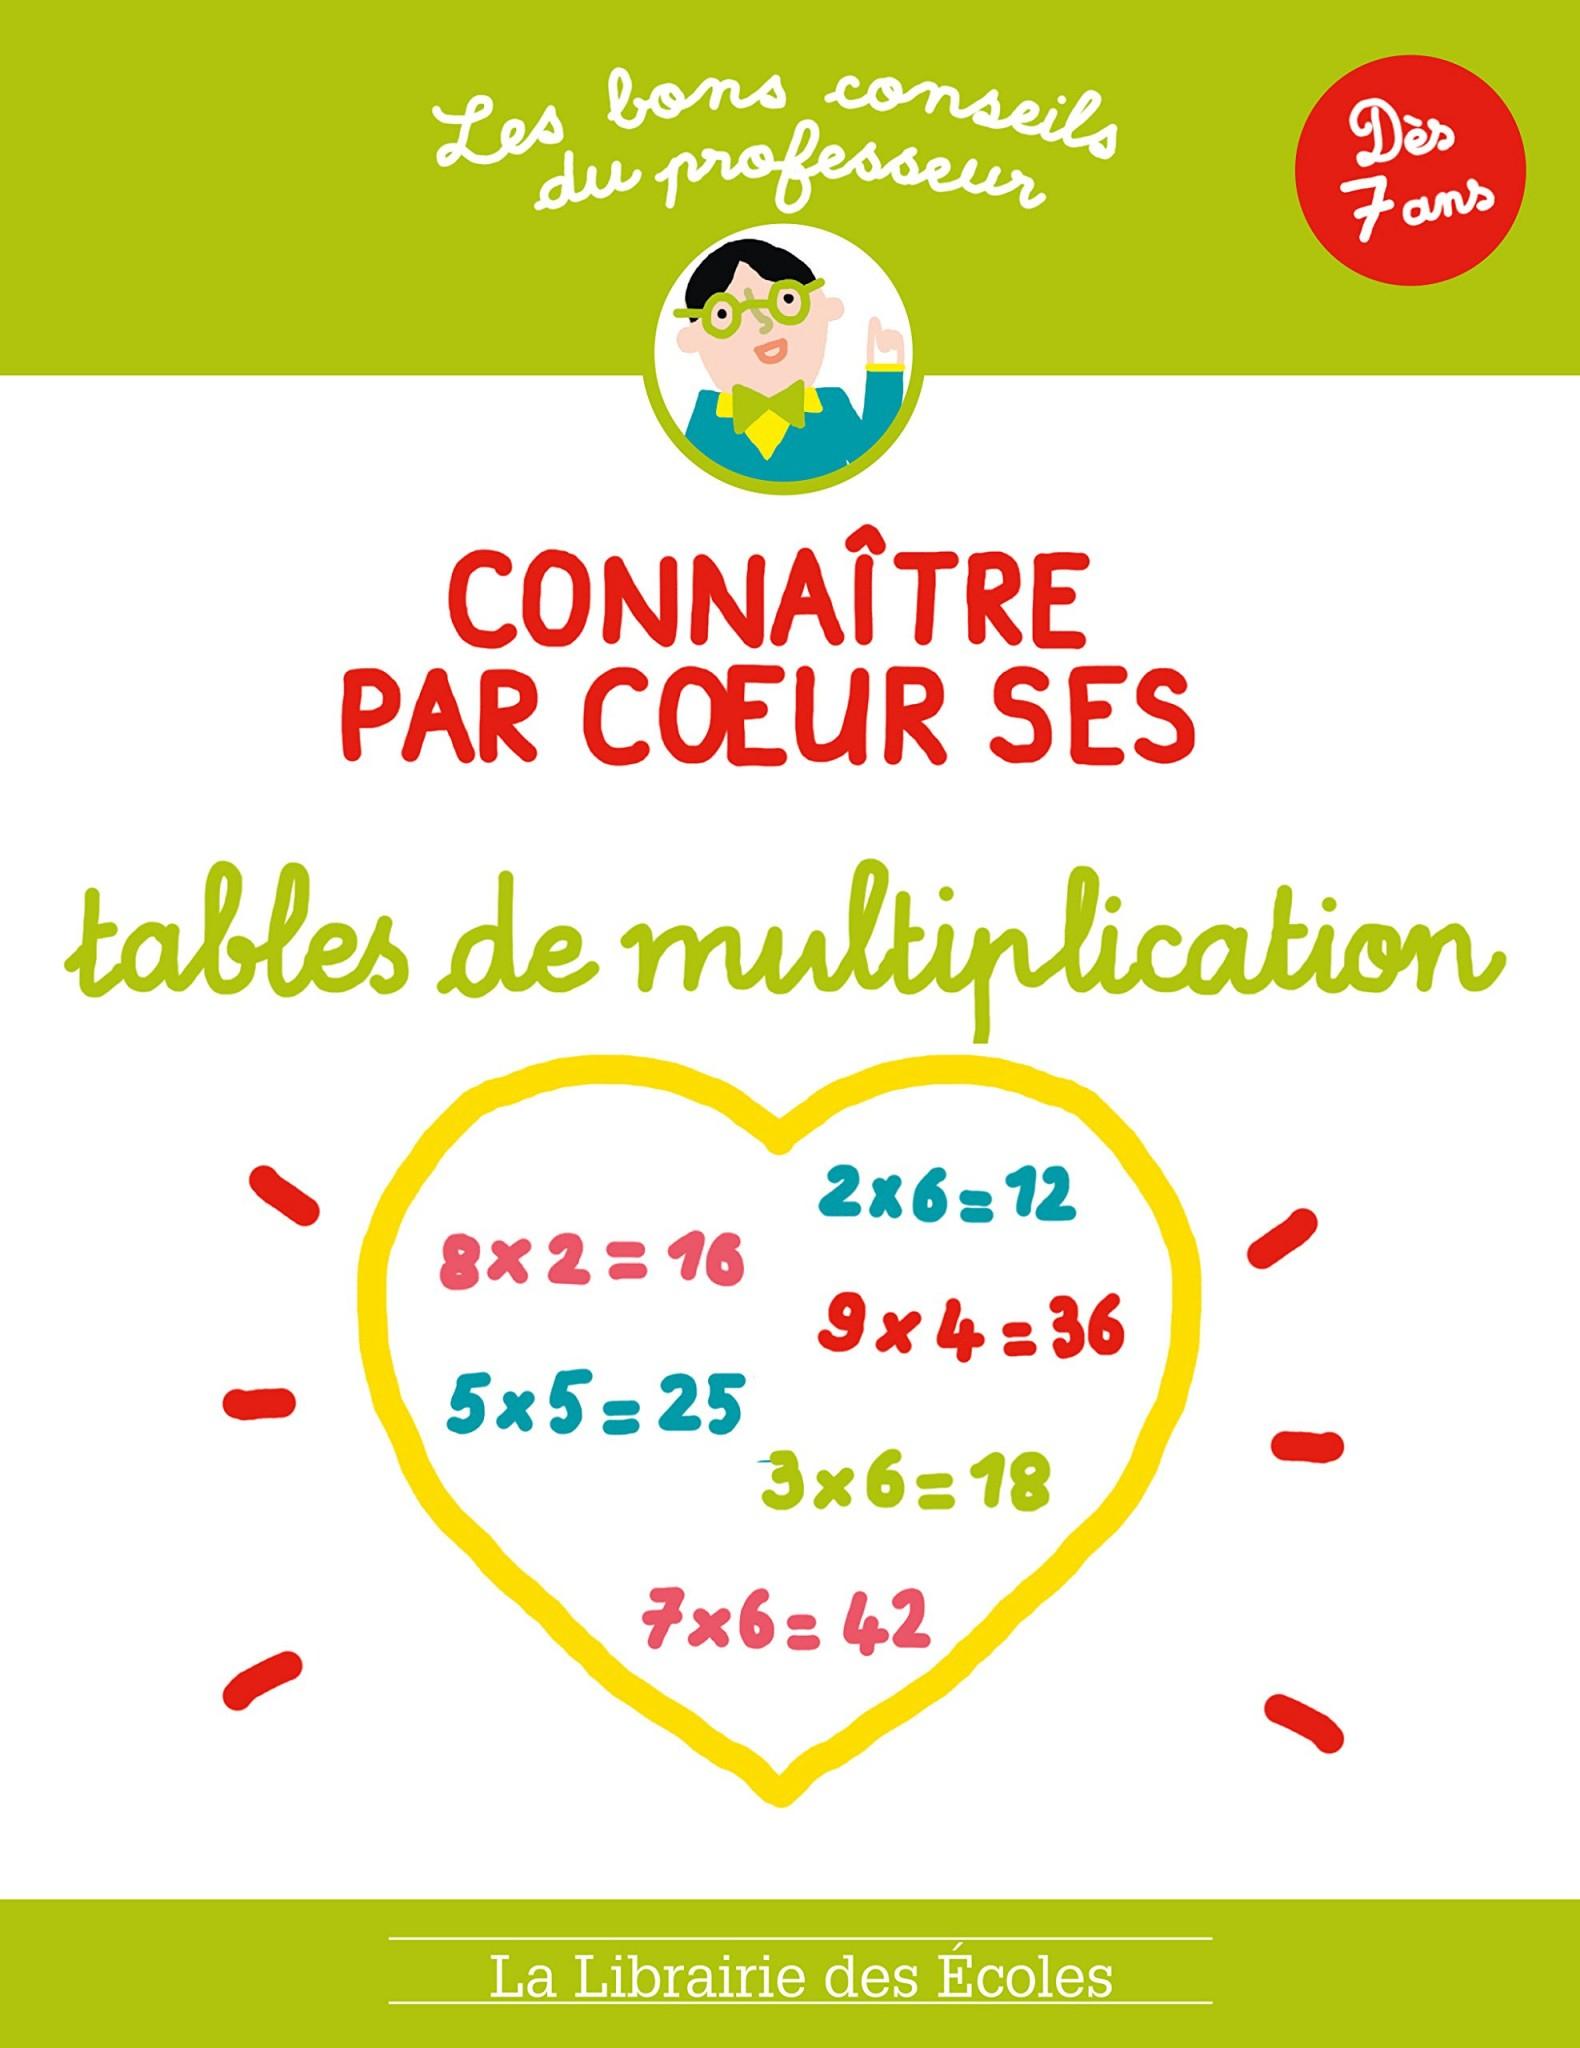 5 Techniques Efficaces Et Ludiques Pour Apprendre Ou Se concernant Apprendre Les Tables De Multiplication En S Amusant